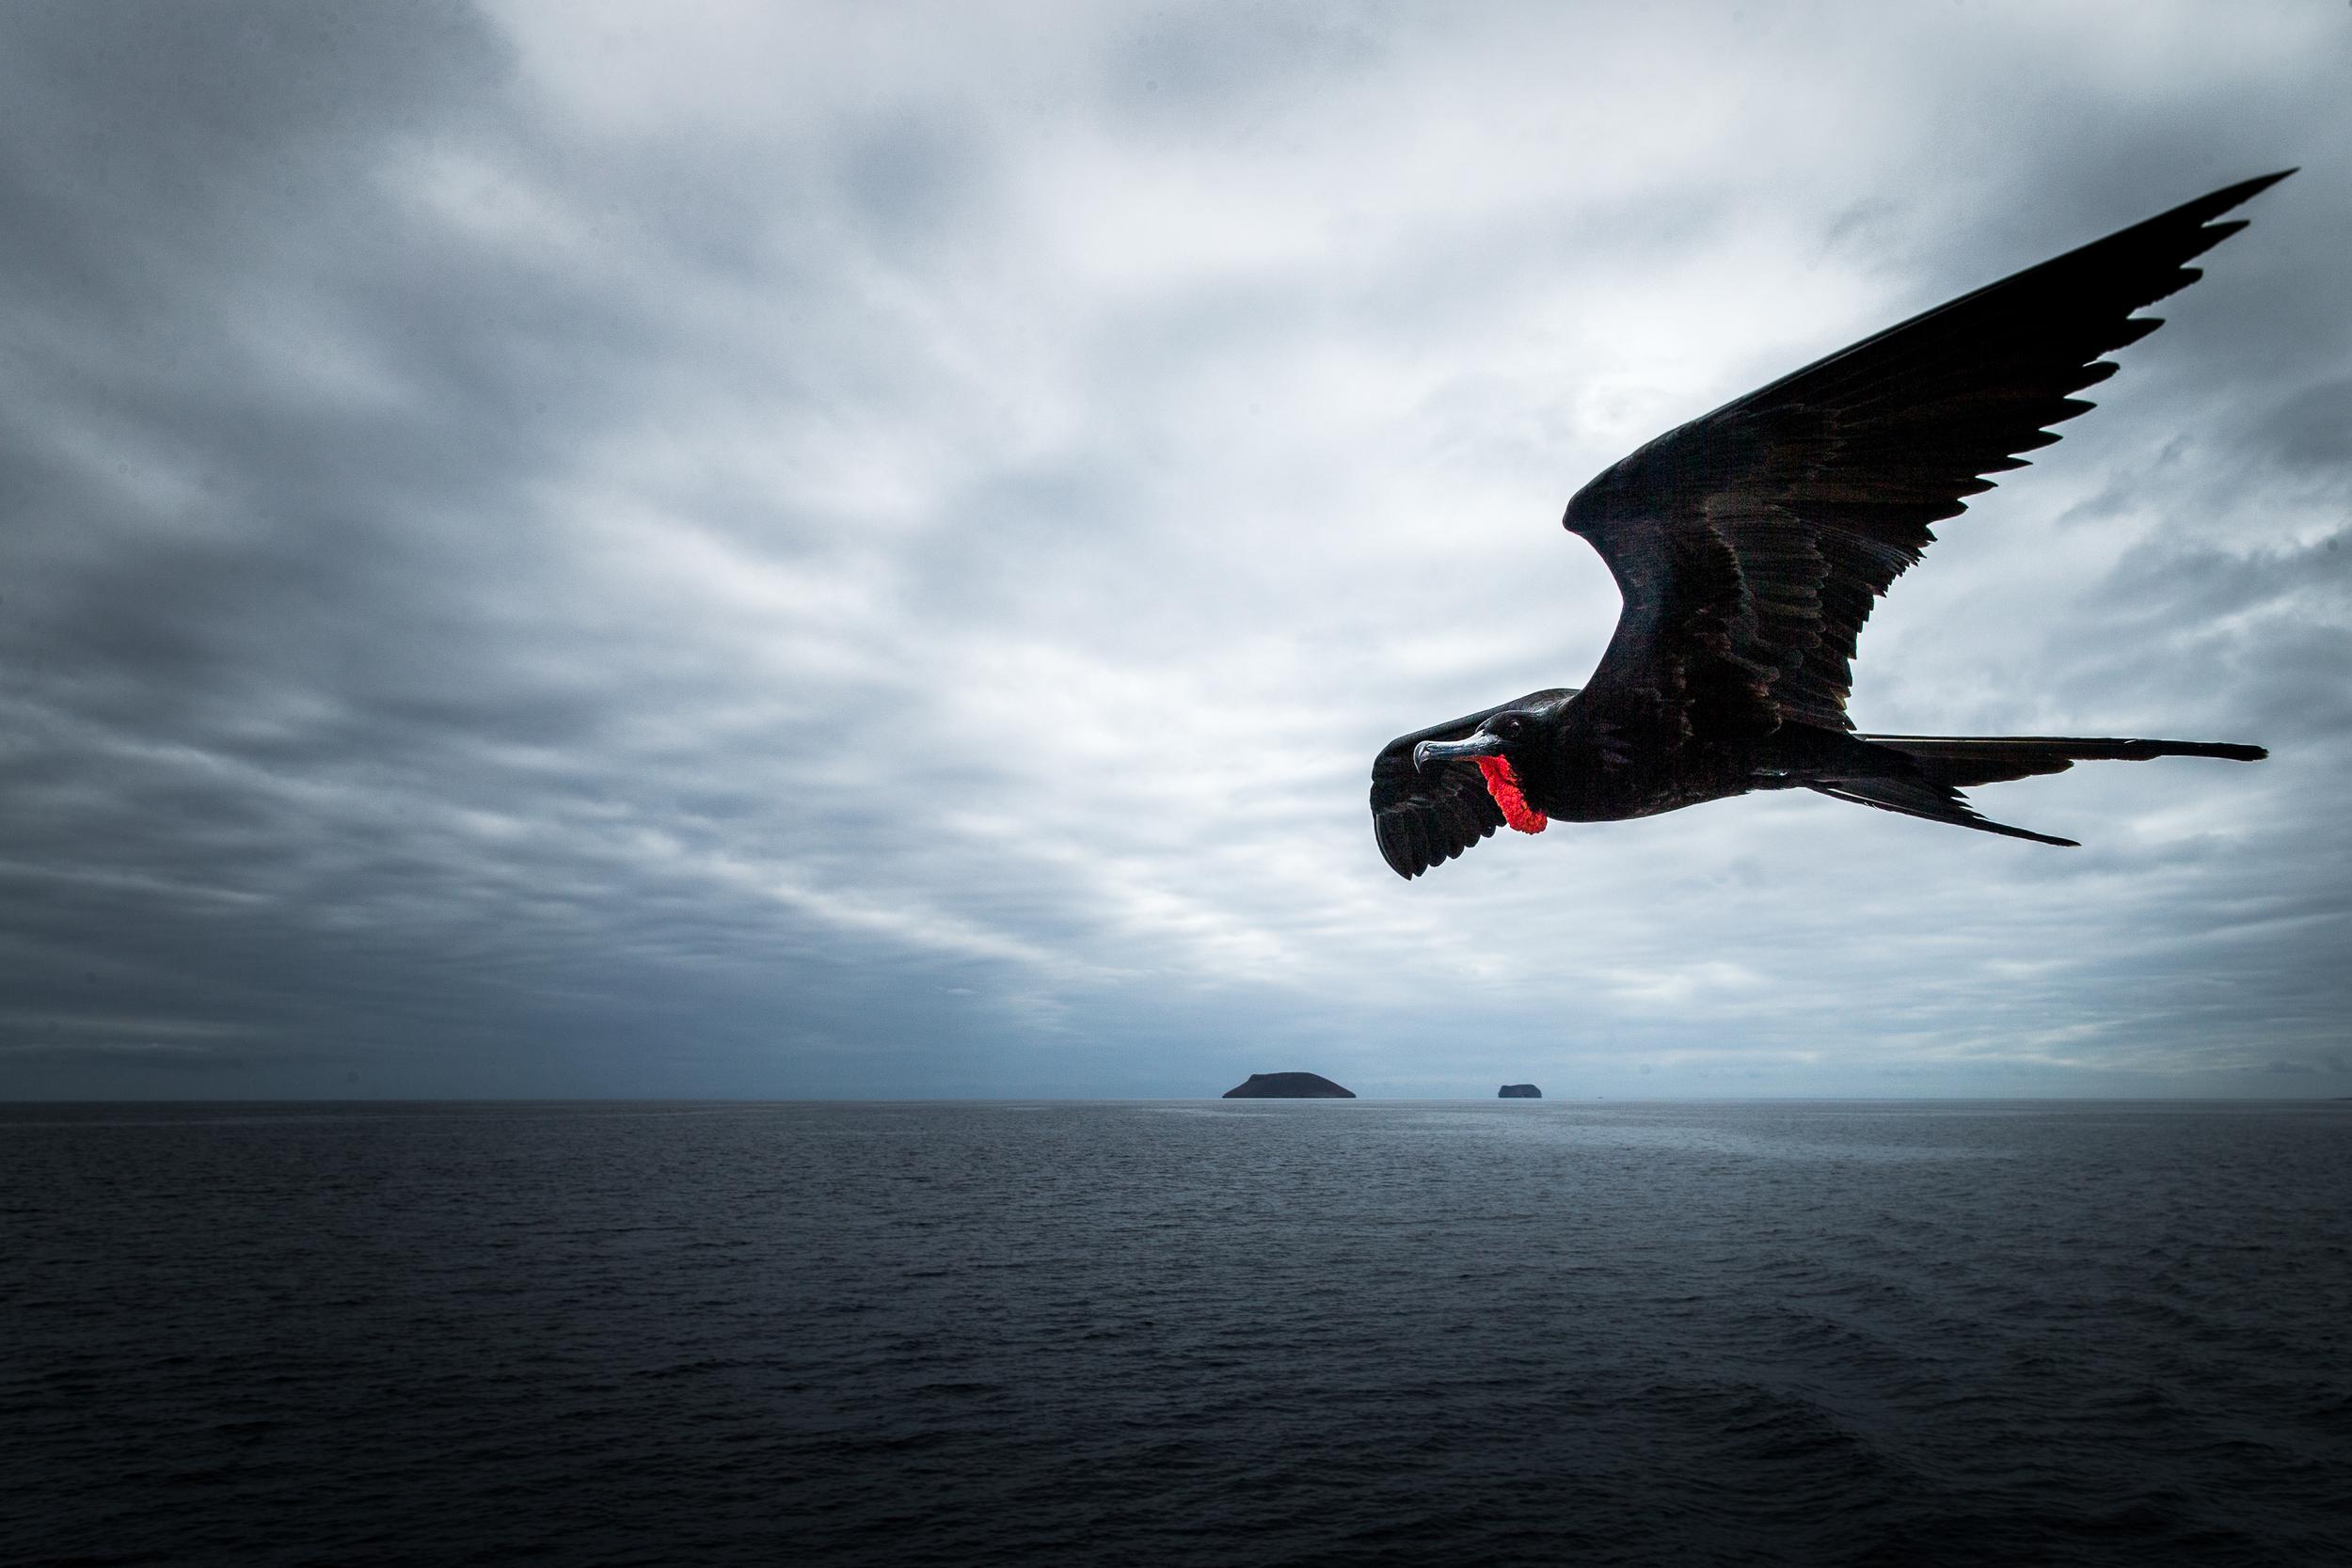 Frégate du Pacifique - Iles des Galapagos - Equateur